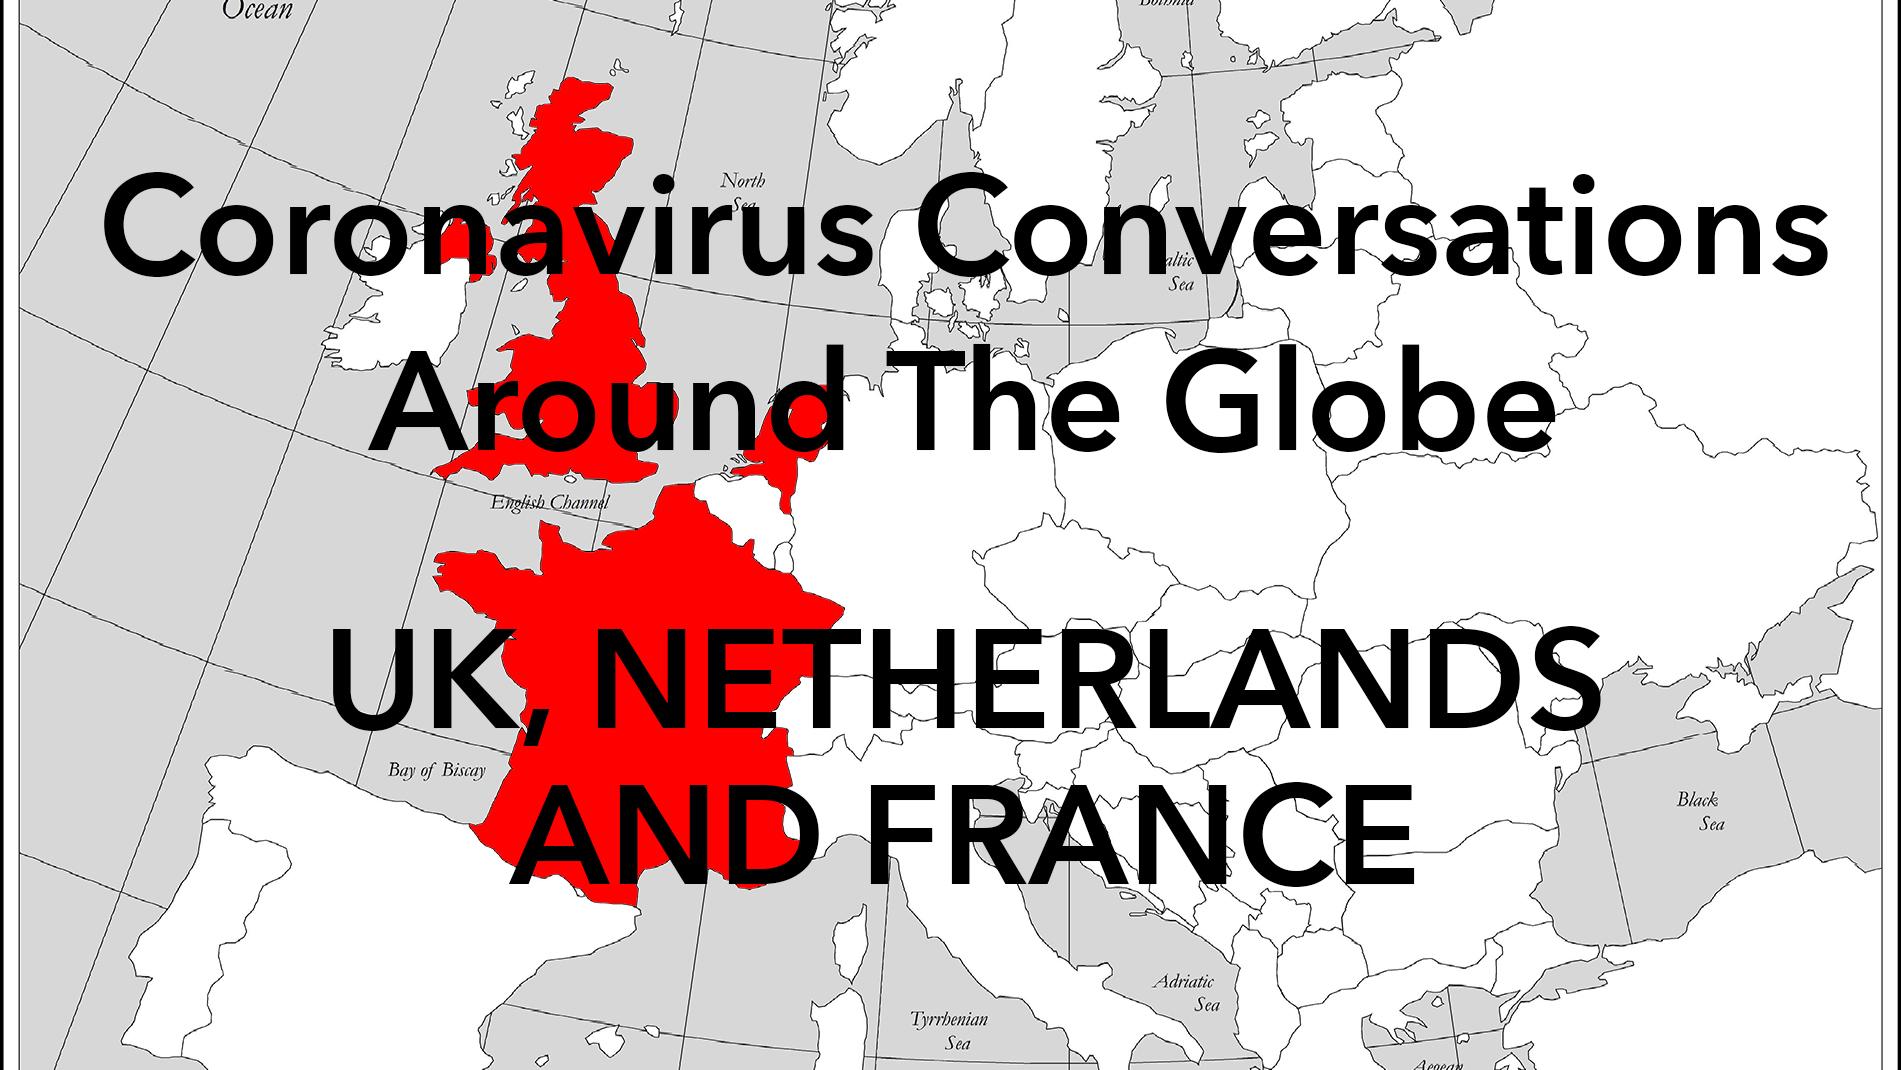 Coronavirus Conversations Around The Globe: UK, France and Netherlands